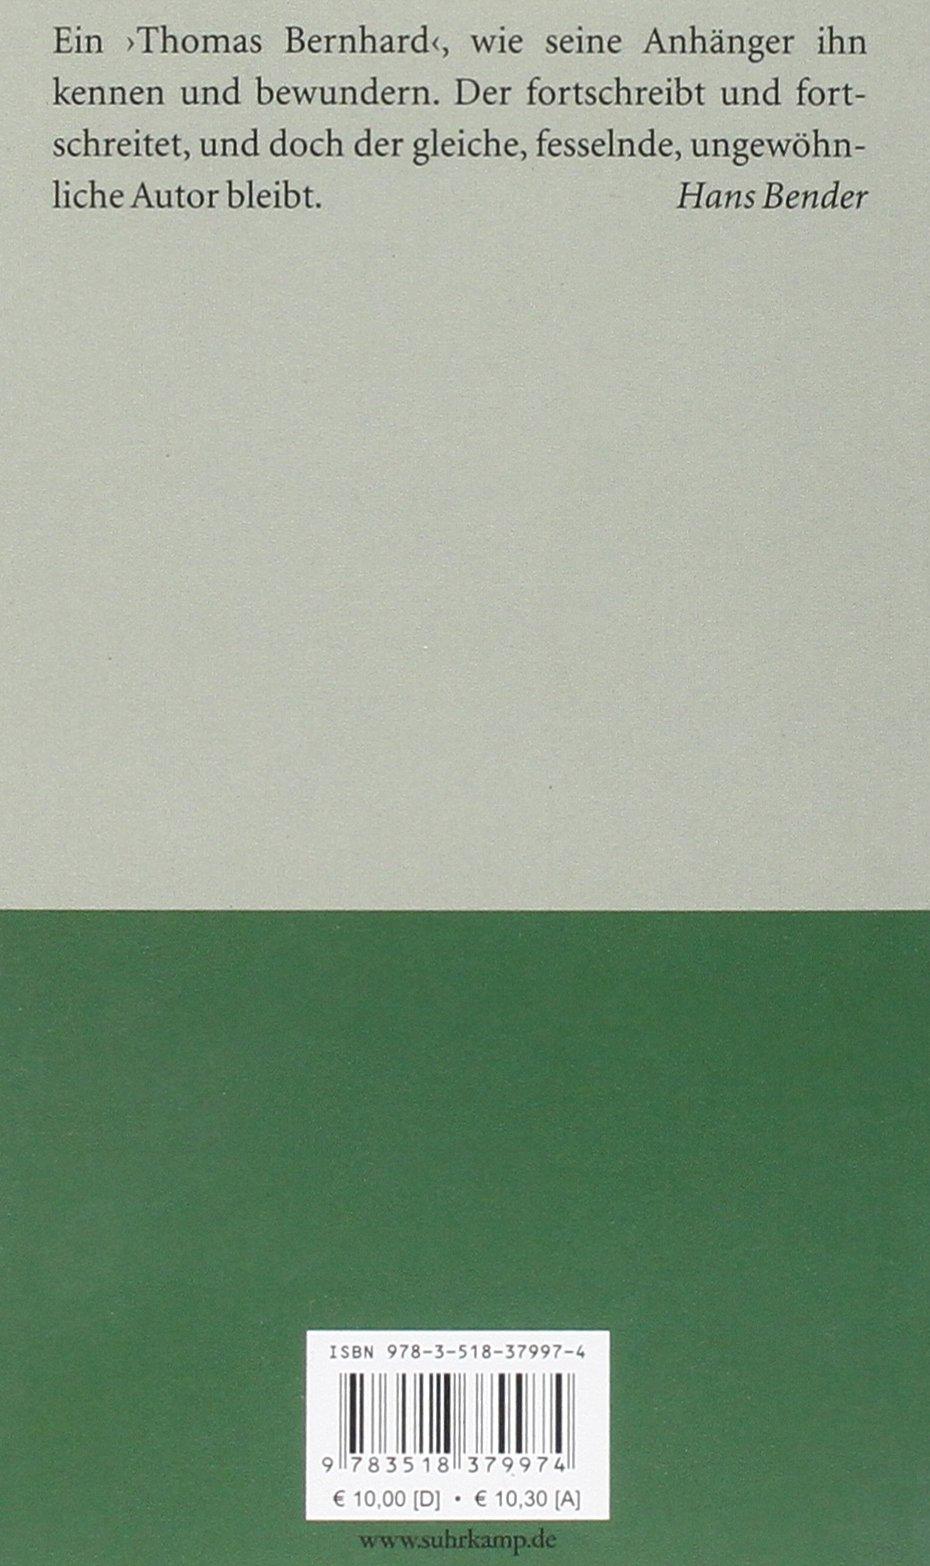 Der untergeher thomas bernhard 9783518379974 amazon books fandeluxe Gallery